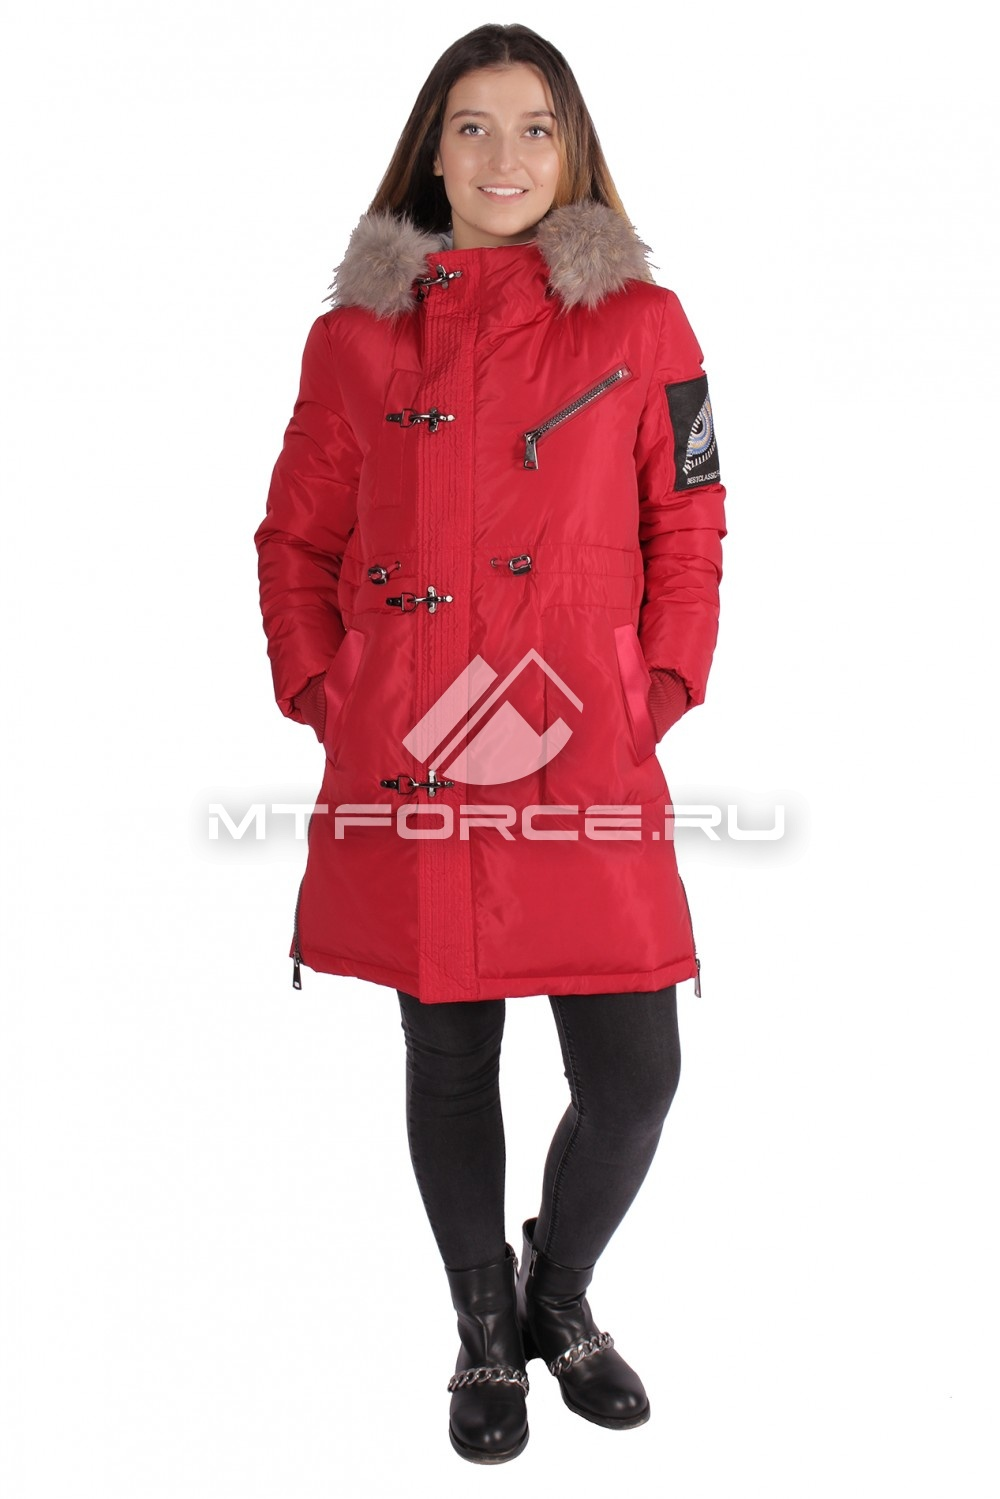 Купить                                  оптом Куртка парка женская зимняя ПИСК сезона красного цвета 16059Kr